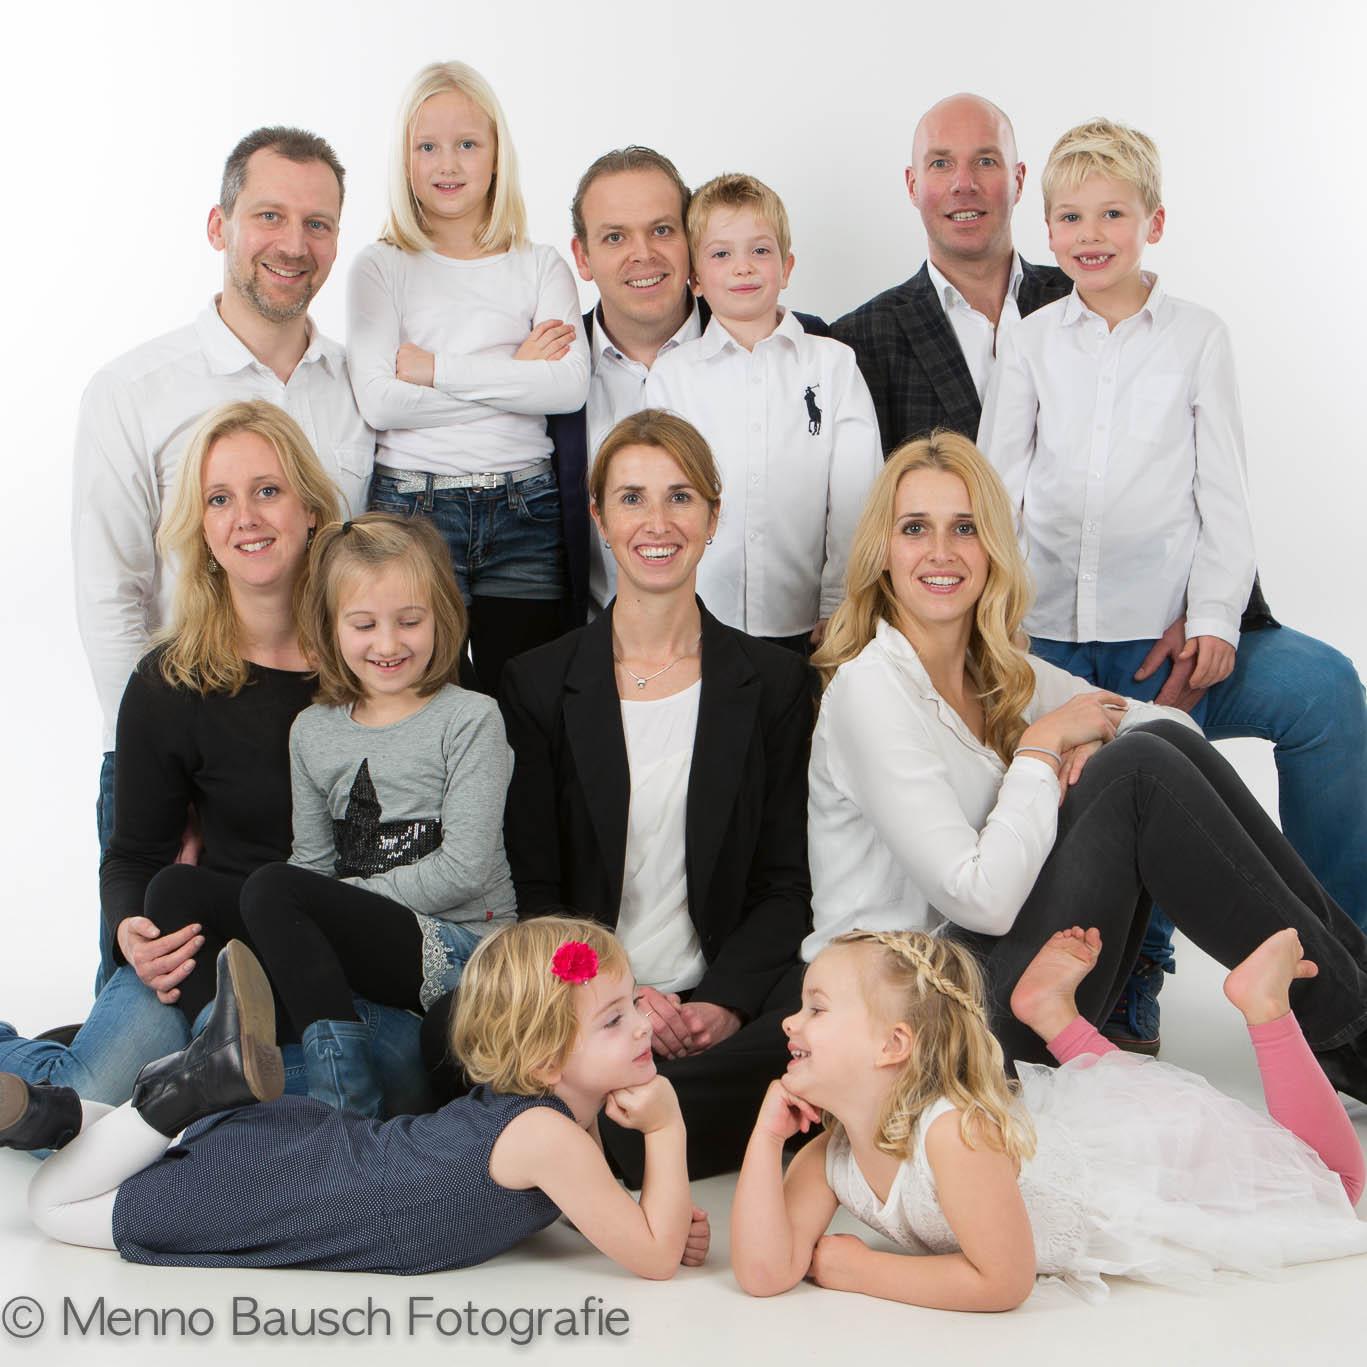 Menno Bausch Fotografie58